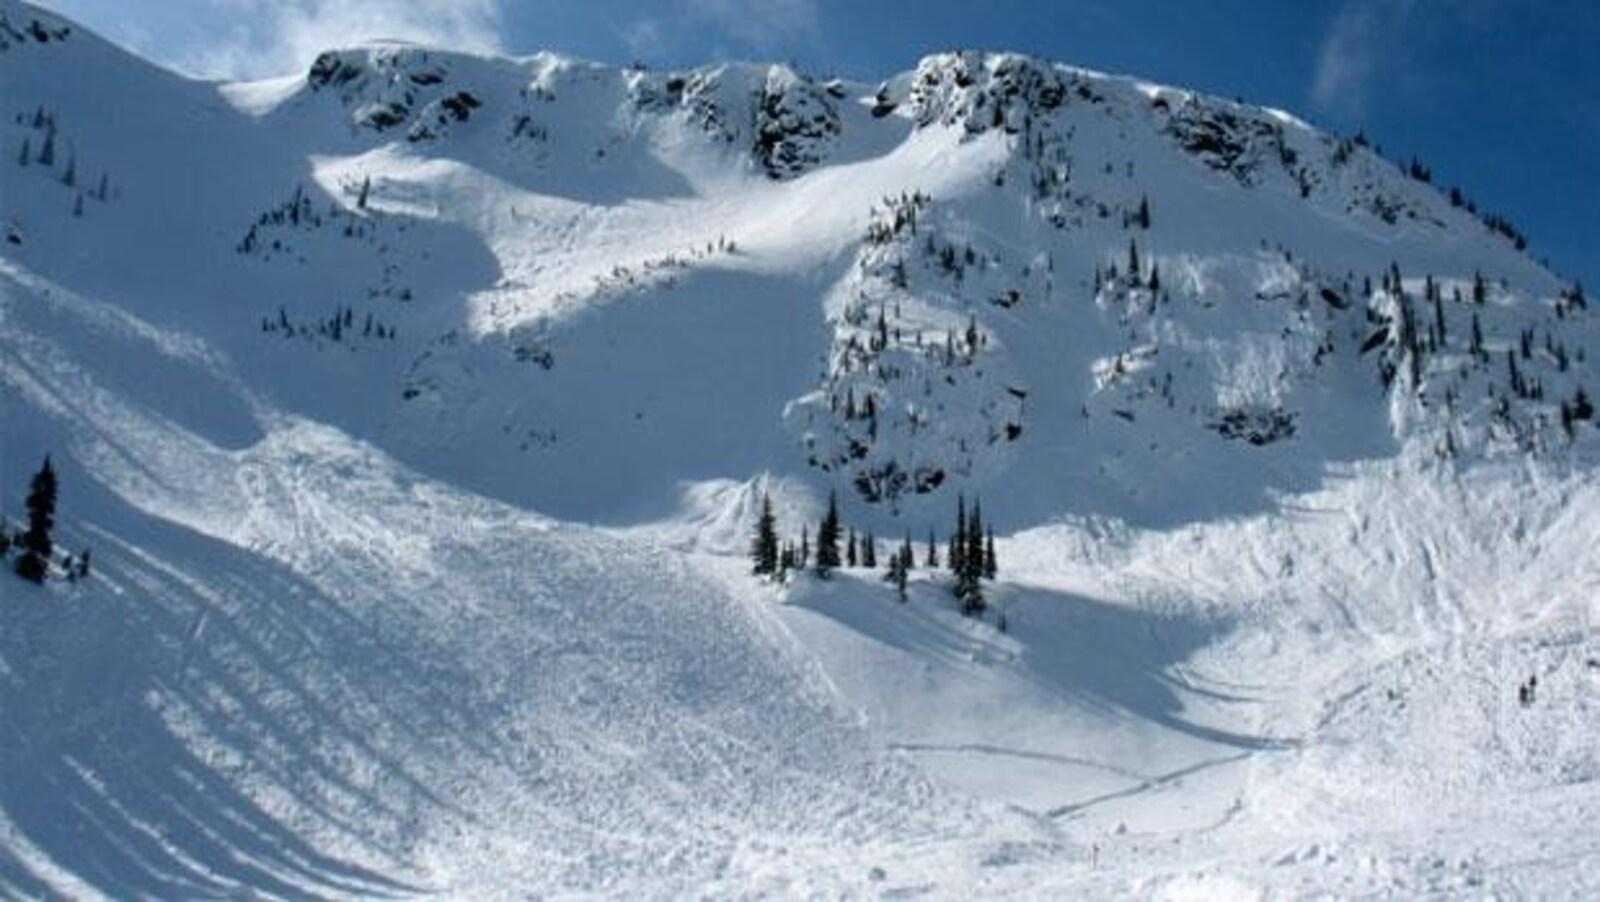 Une montagne enneigée en Colombie-Britannique